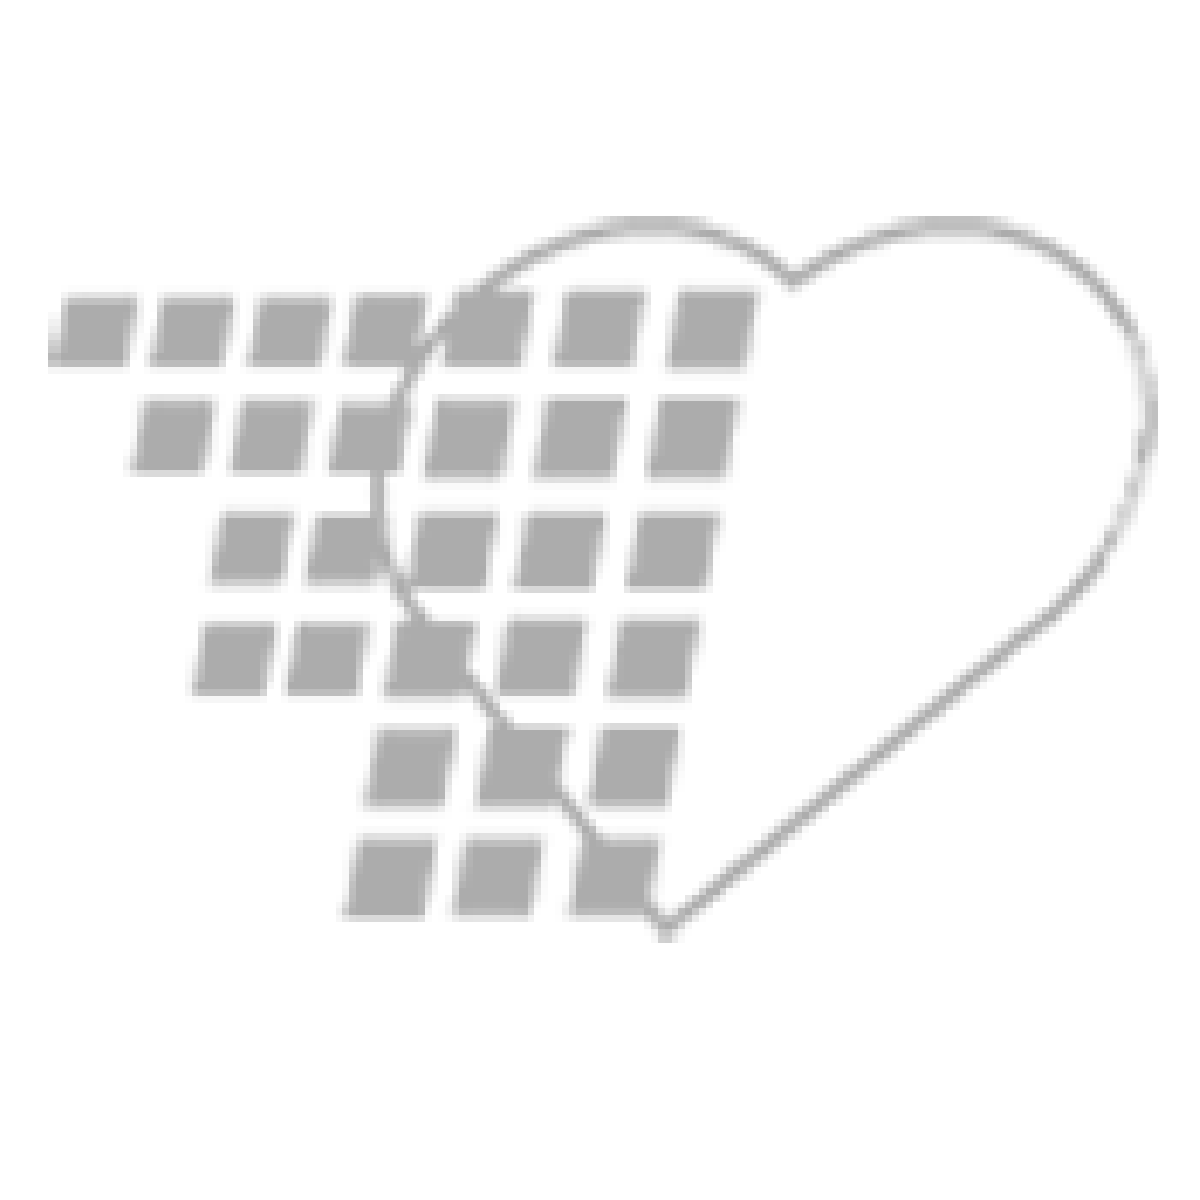 06-93-3115 Demo Dose® Morphin Sulfat 1 mL 10 mg/mL